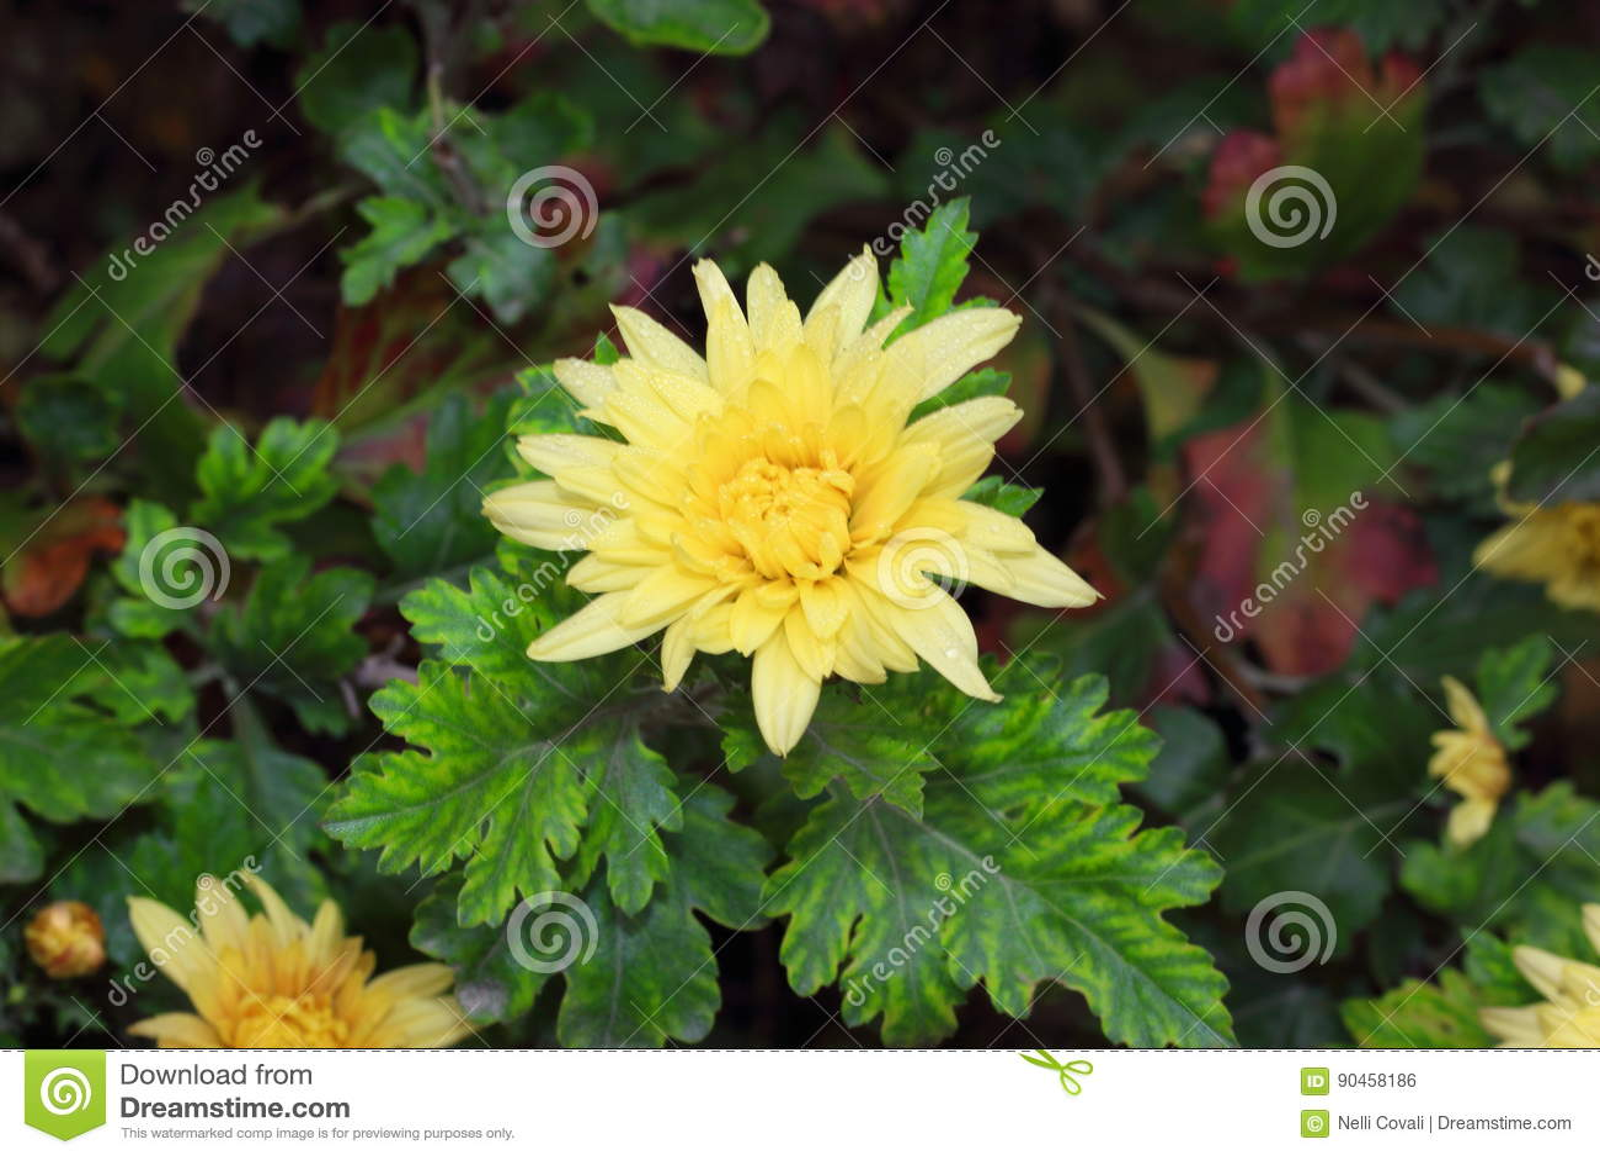 Wackelige Chrysantheme